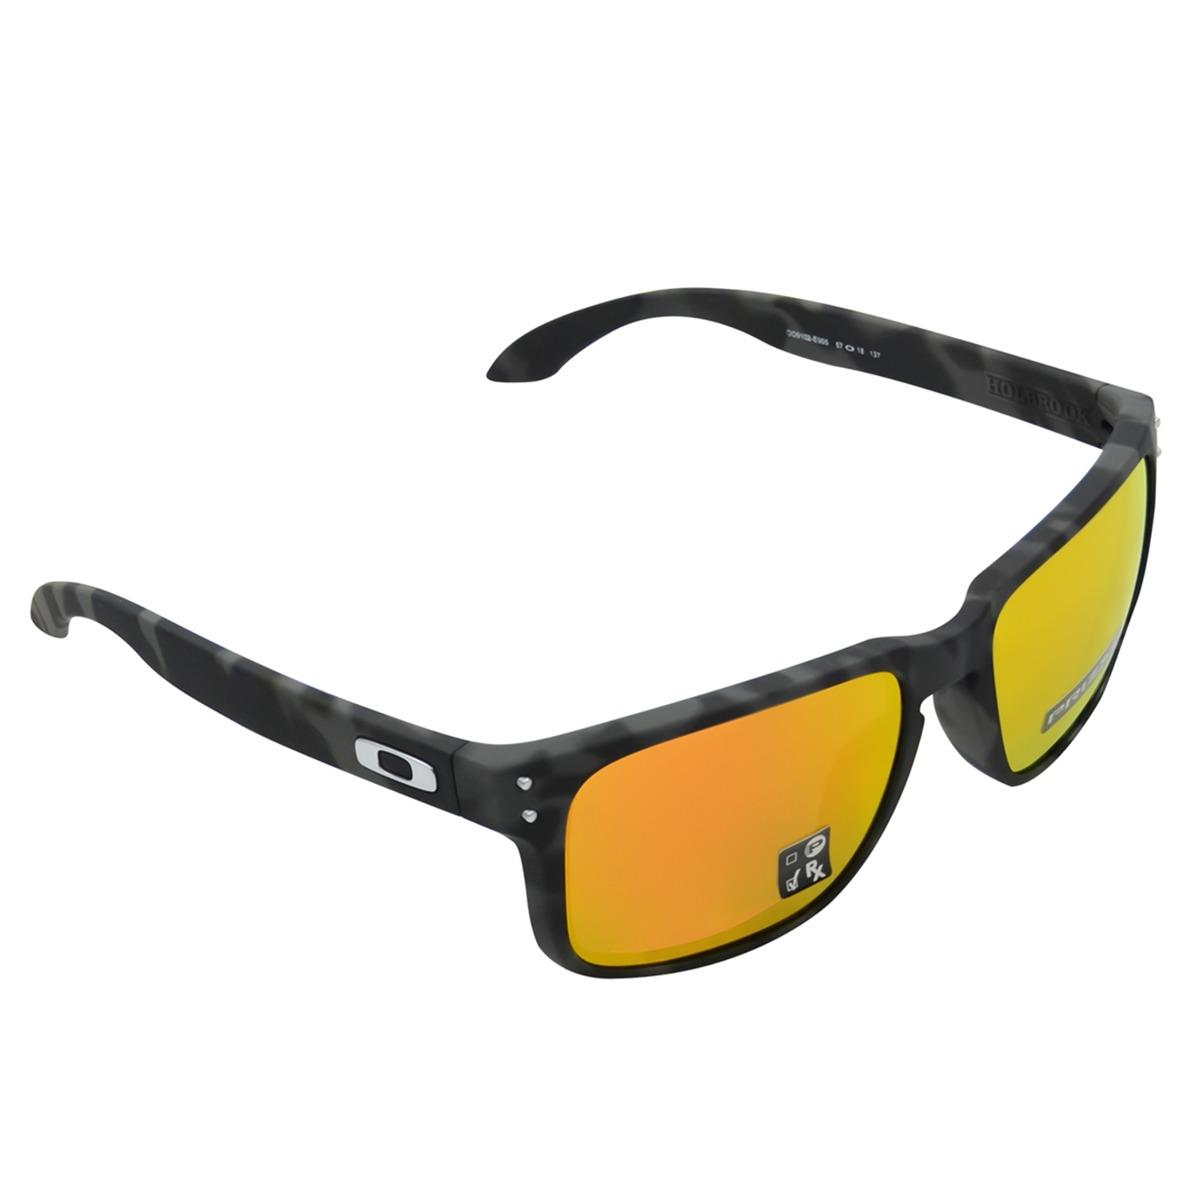 88137b1a2 Óculos Oakley Holbrook Camo Cinza Rubi - R$ 530,00 em Mercado Livre